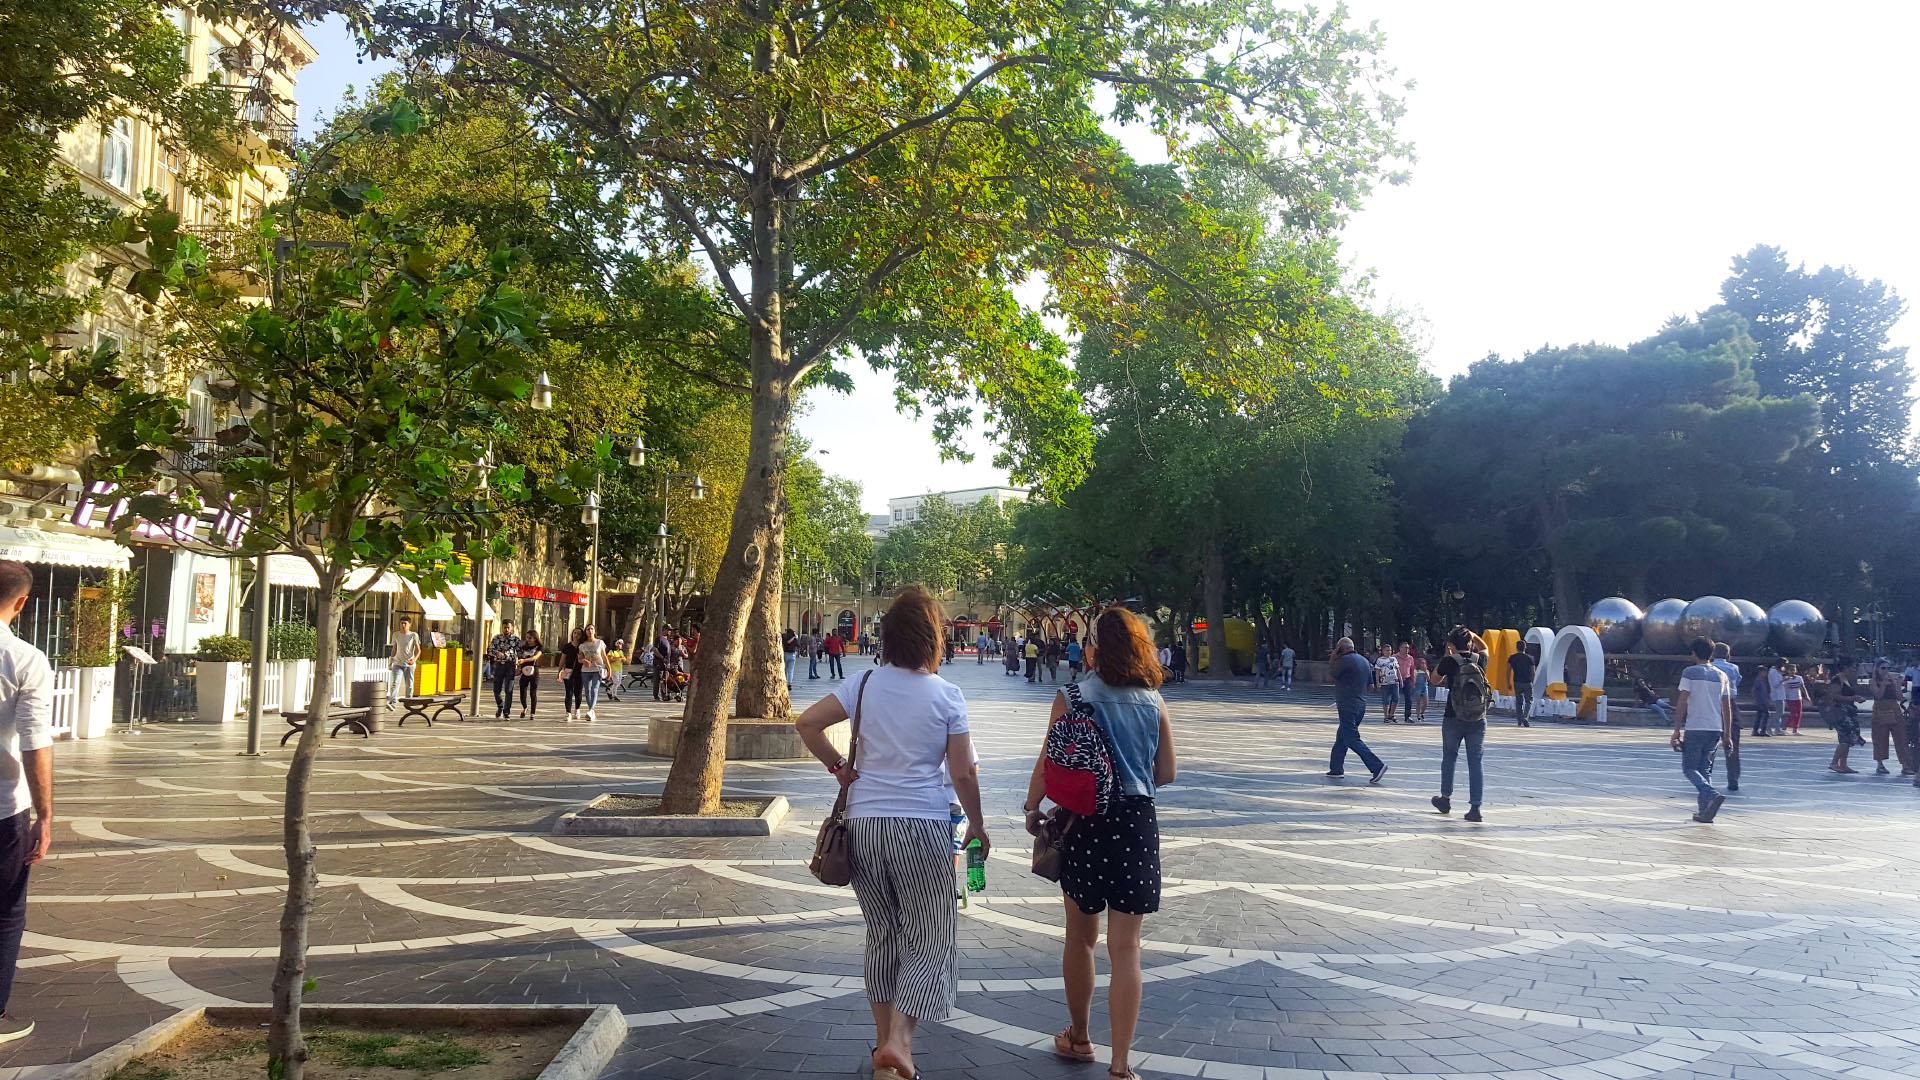 شارع نظامي المزدحم